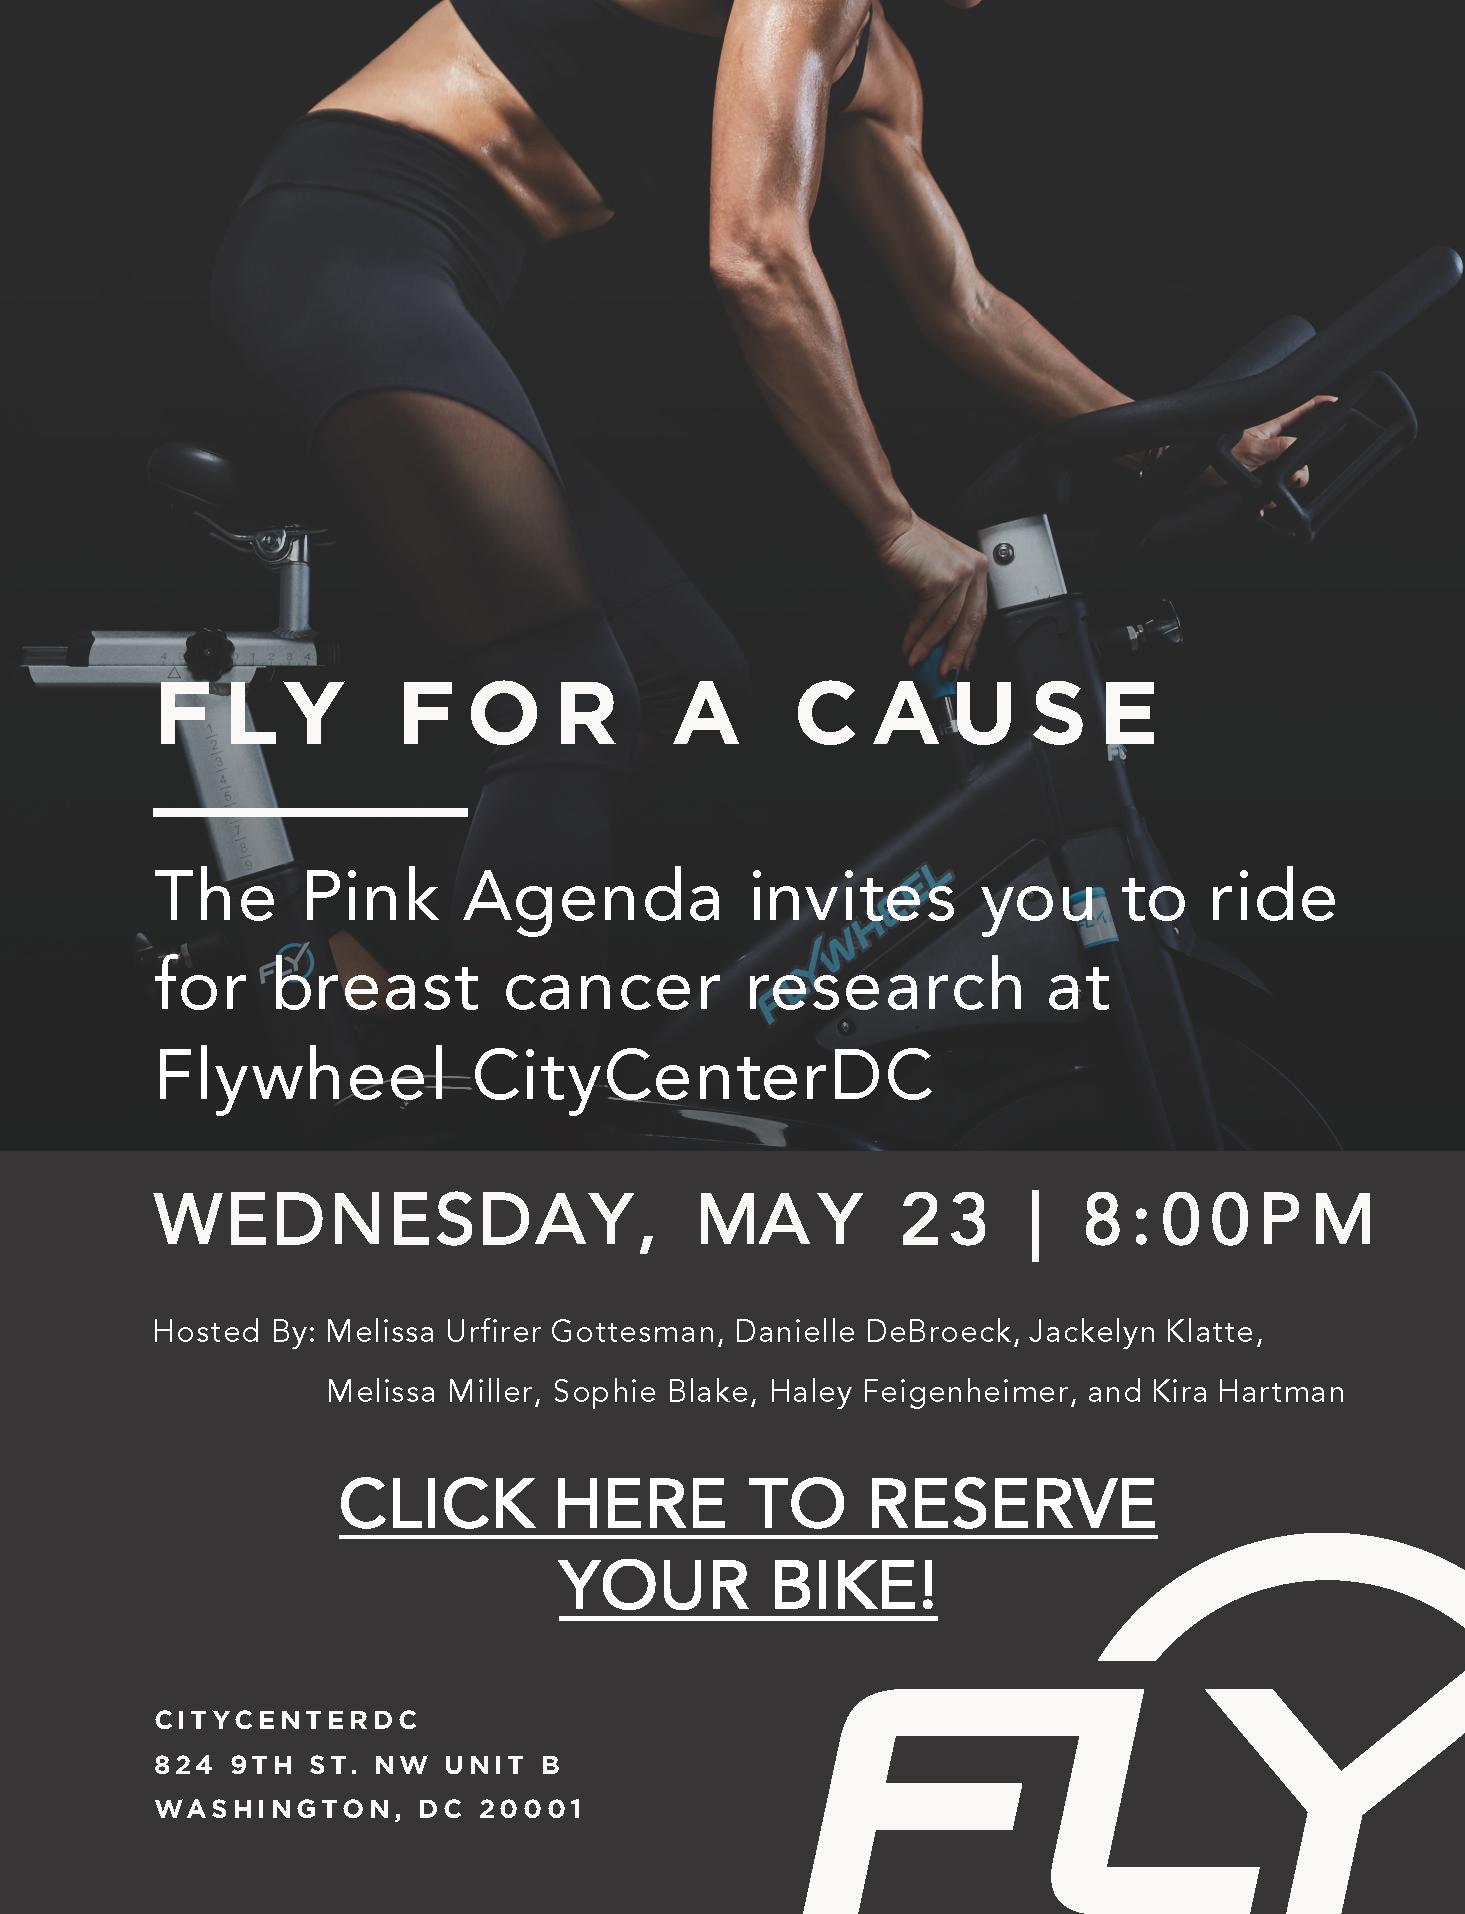 DC_Flywheel_Invite_5.23.18.png